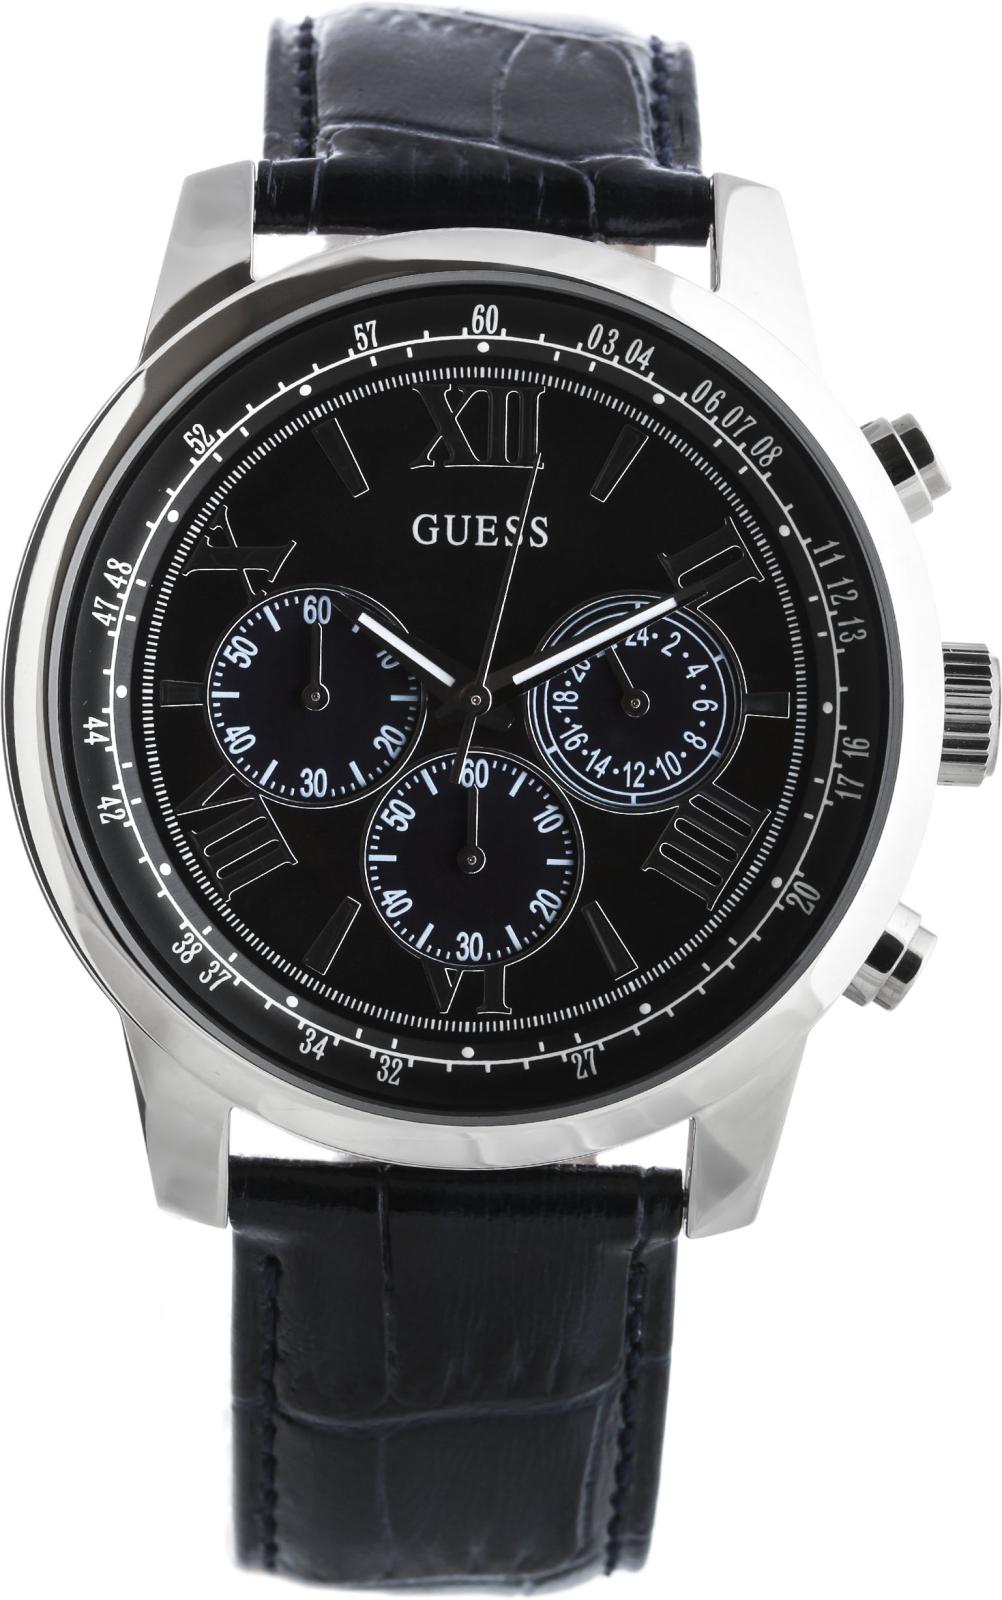 Guess Sport Steel  W0380G3Наручные часы<br>Американские часы Guess Sport Steel W0380G3<br><br>Пол: Мужские<br>Страна-производитель: США<br>Механизм: Кварцевый<br>Материал корпуса: Сталь<br>Материал ремня/браслета: Кожа<br>Водозащита, диапазон: 20 - 100 м<br>Стекло: Минеральное<br>Толщина корпуса: 11.5 мм<br>Стиль: Классика